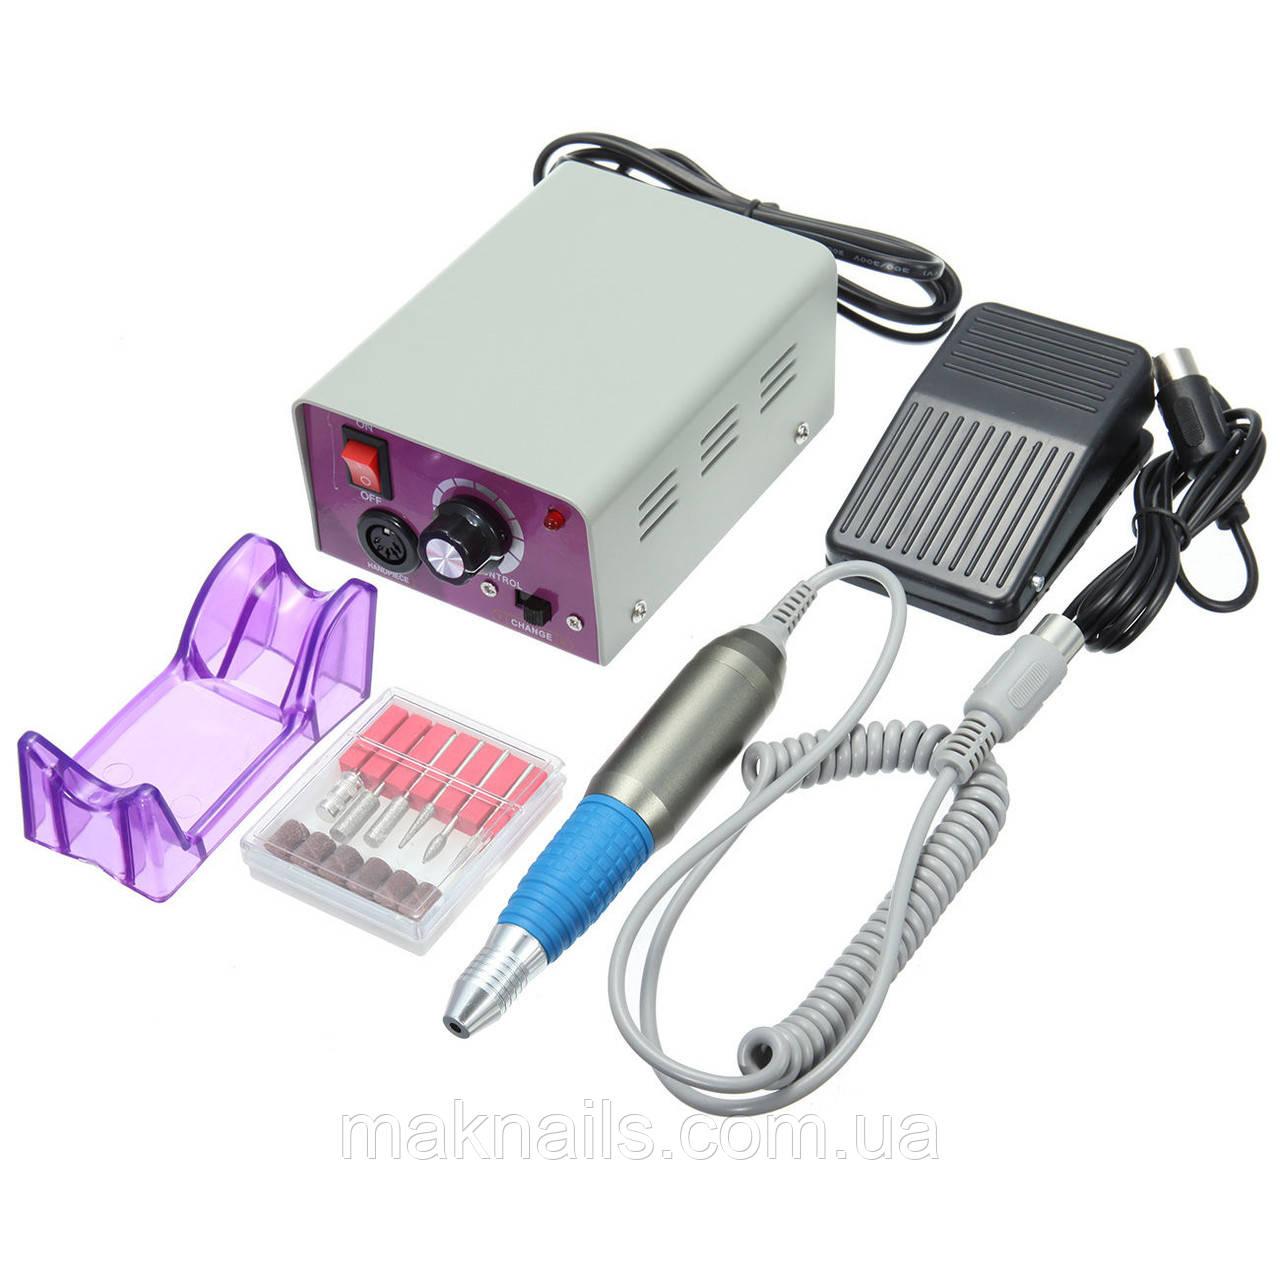 Фрезерная машинка для маникюра и педикюра MM 25000